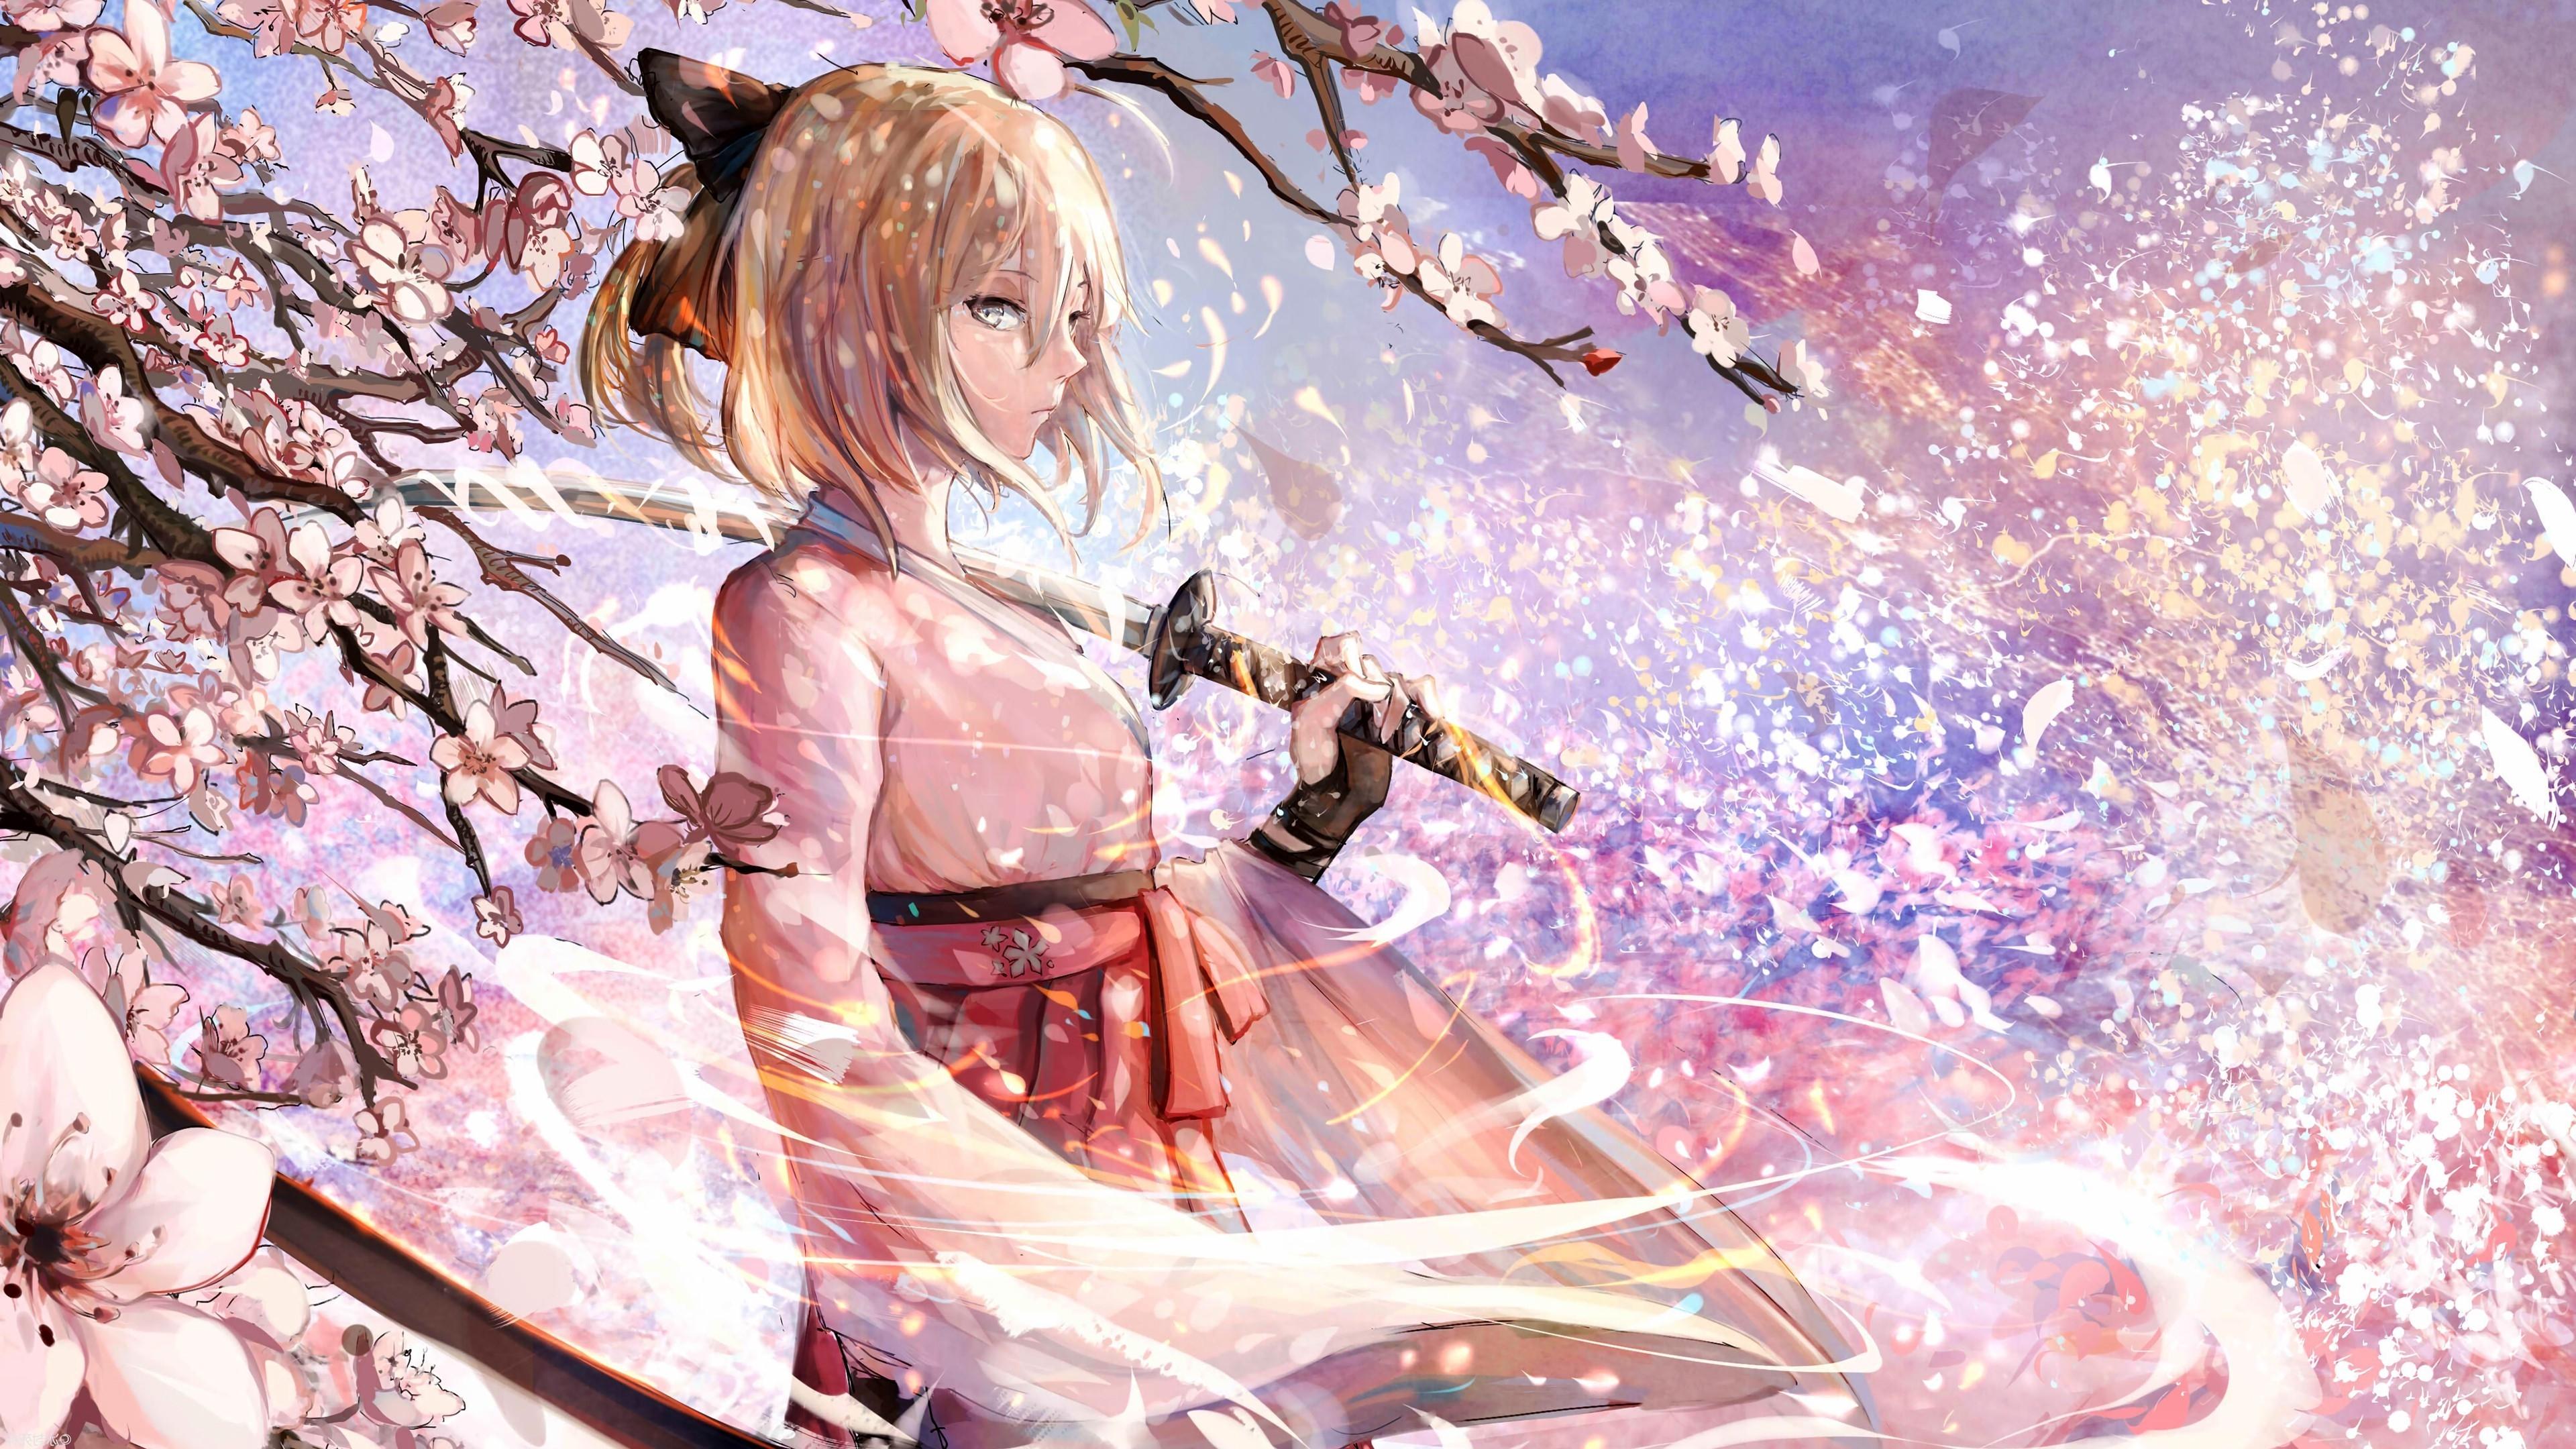 Hình nền anime hoa anh đào